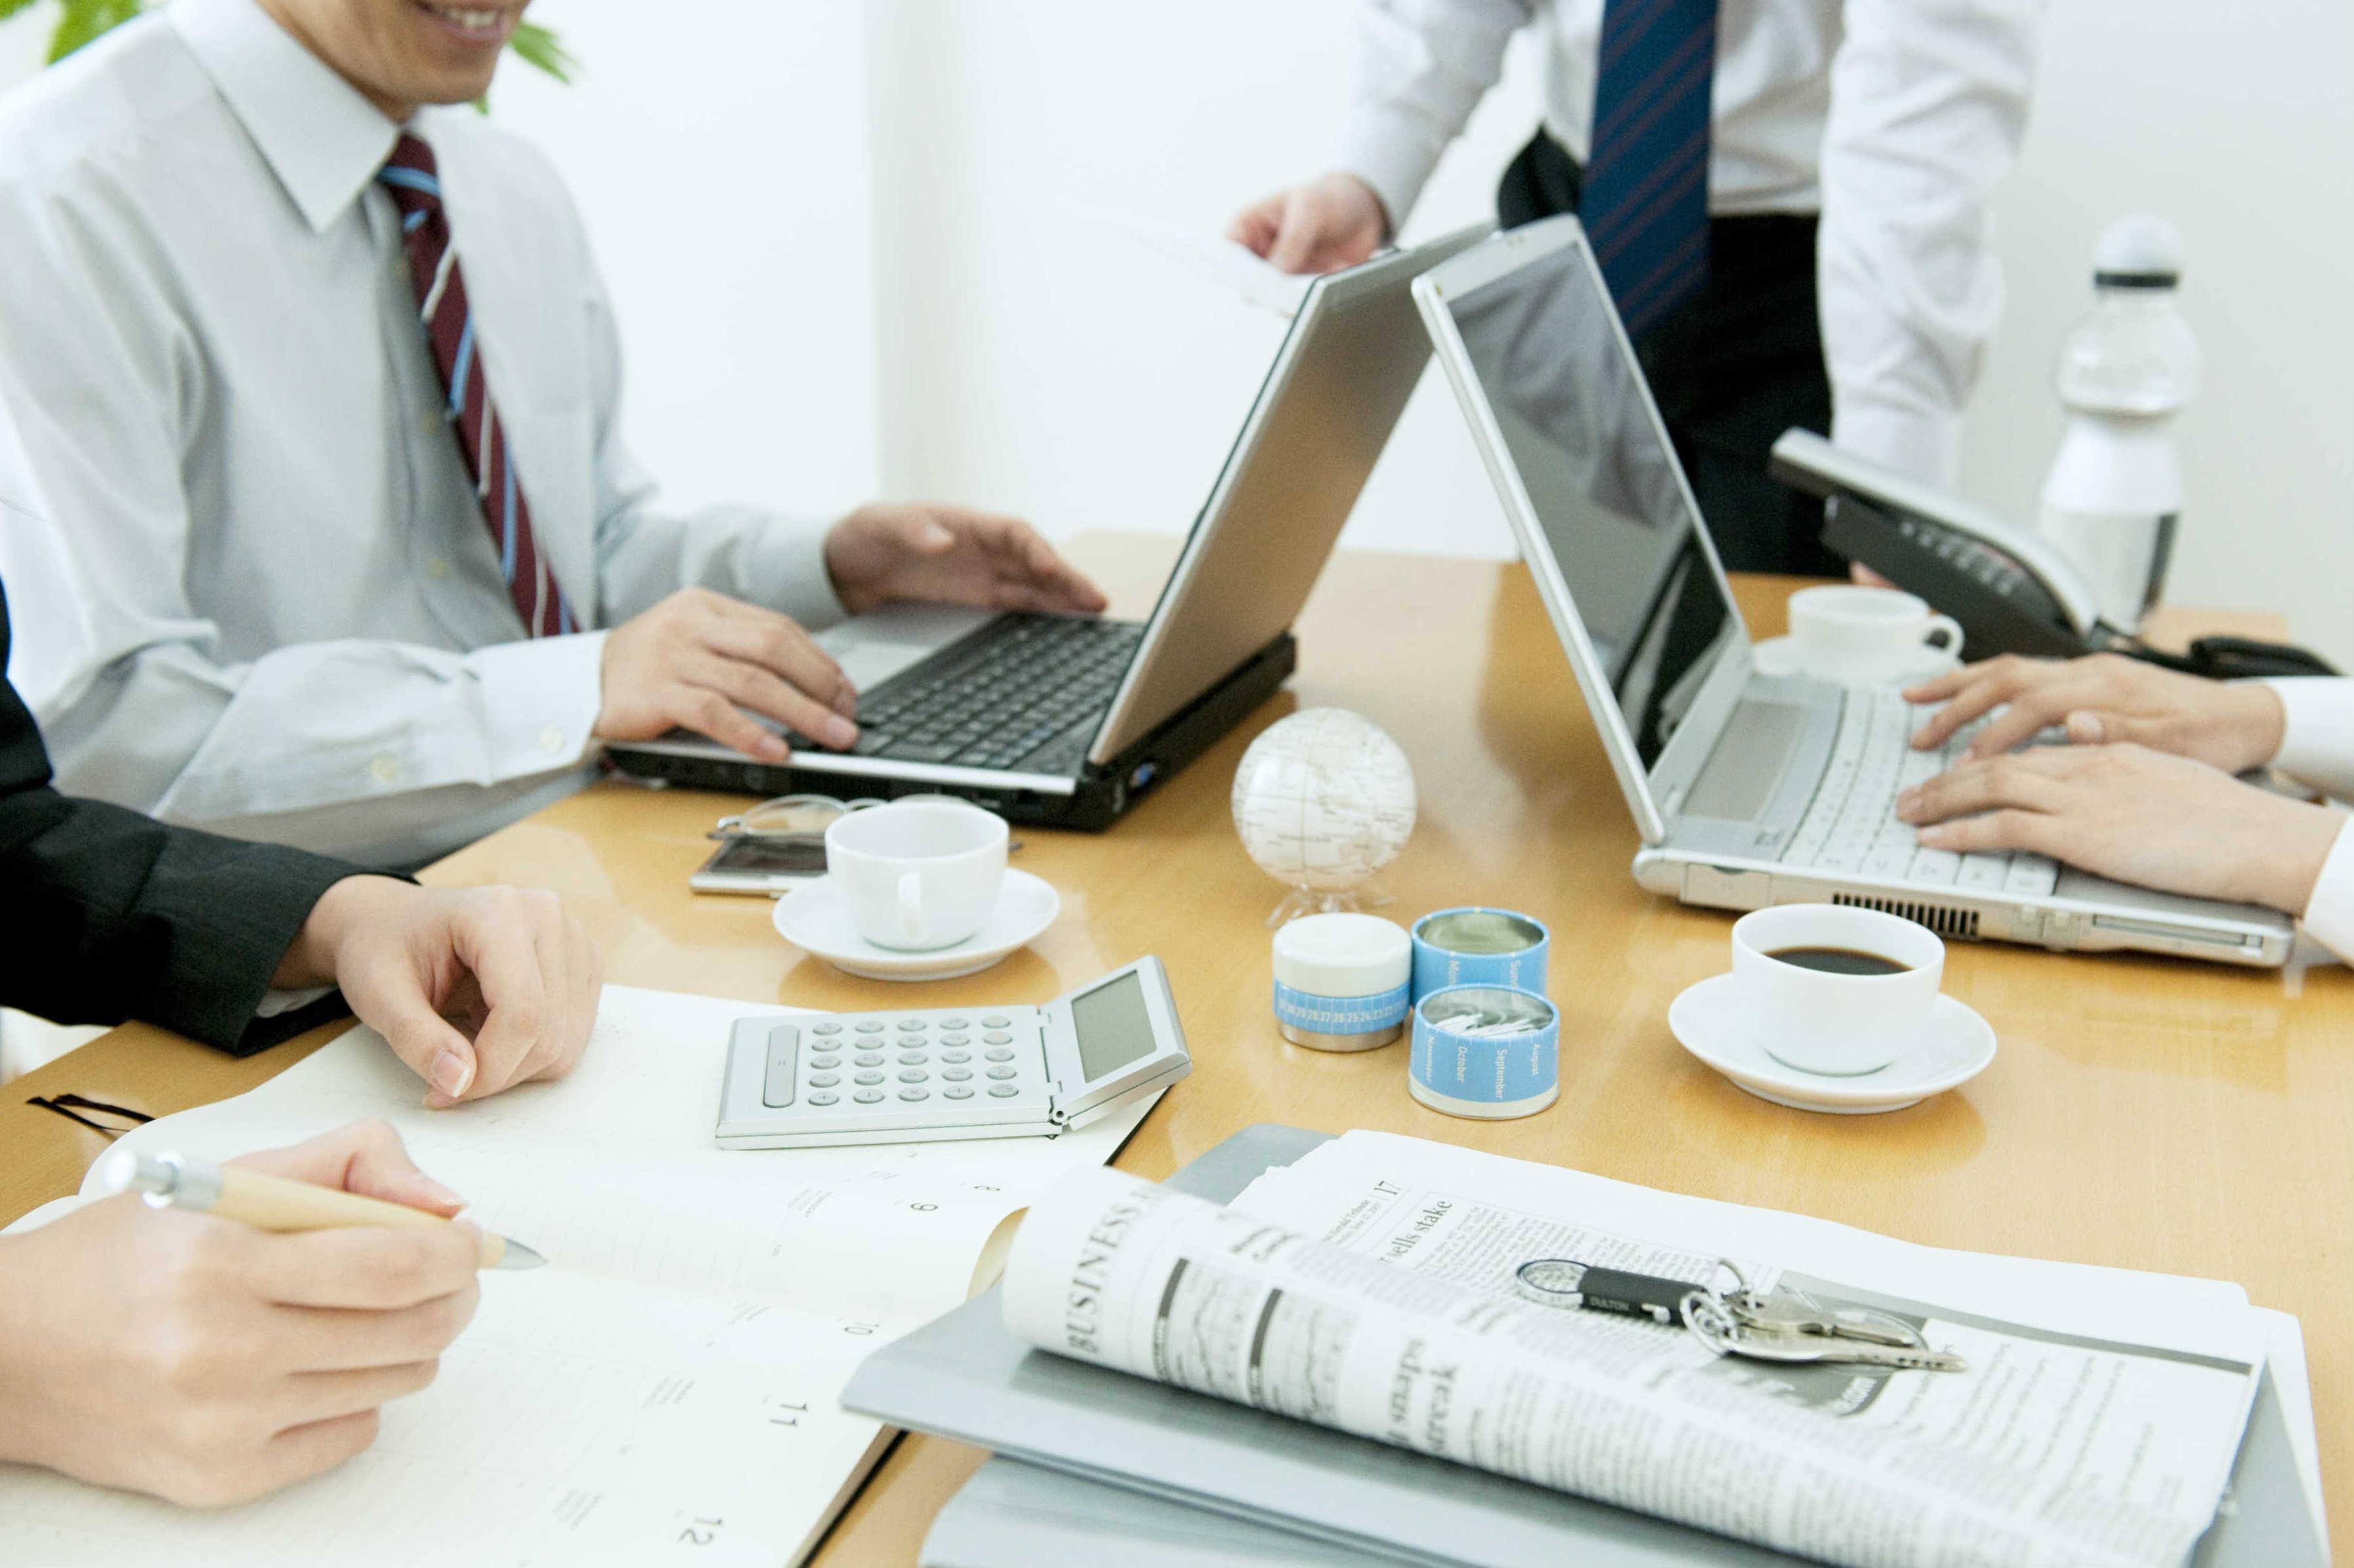 Curso gratuito pode ajudar profissional no mercado de trabalho  (Foto: Exame/Abril)